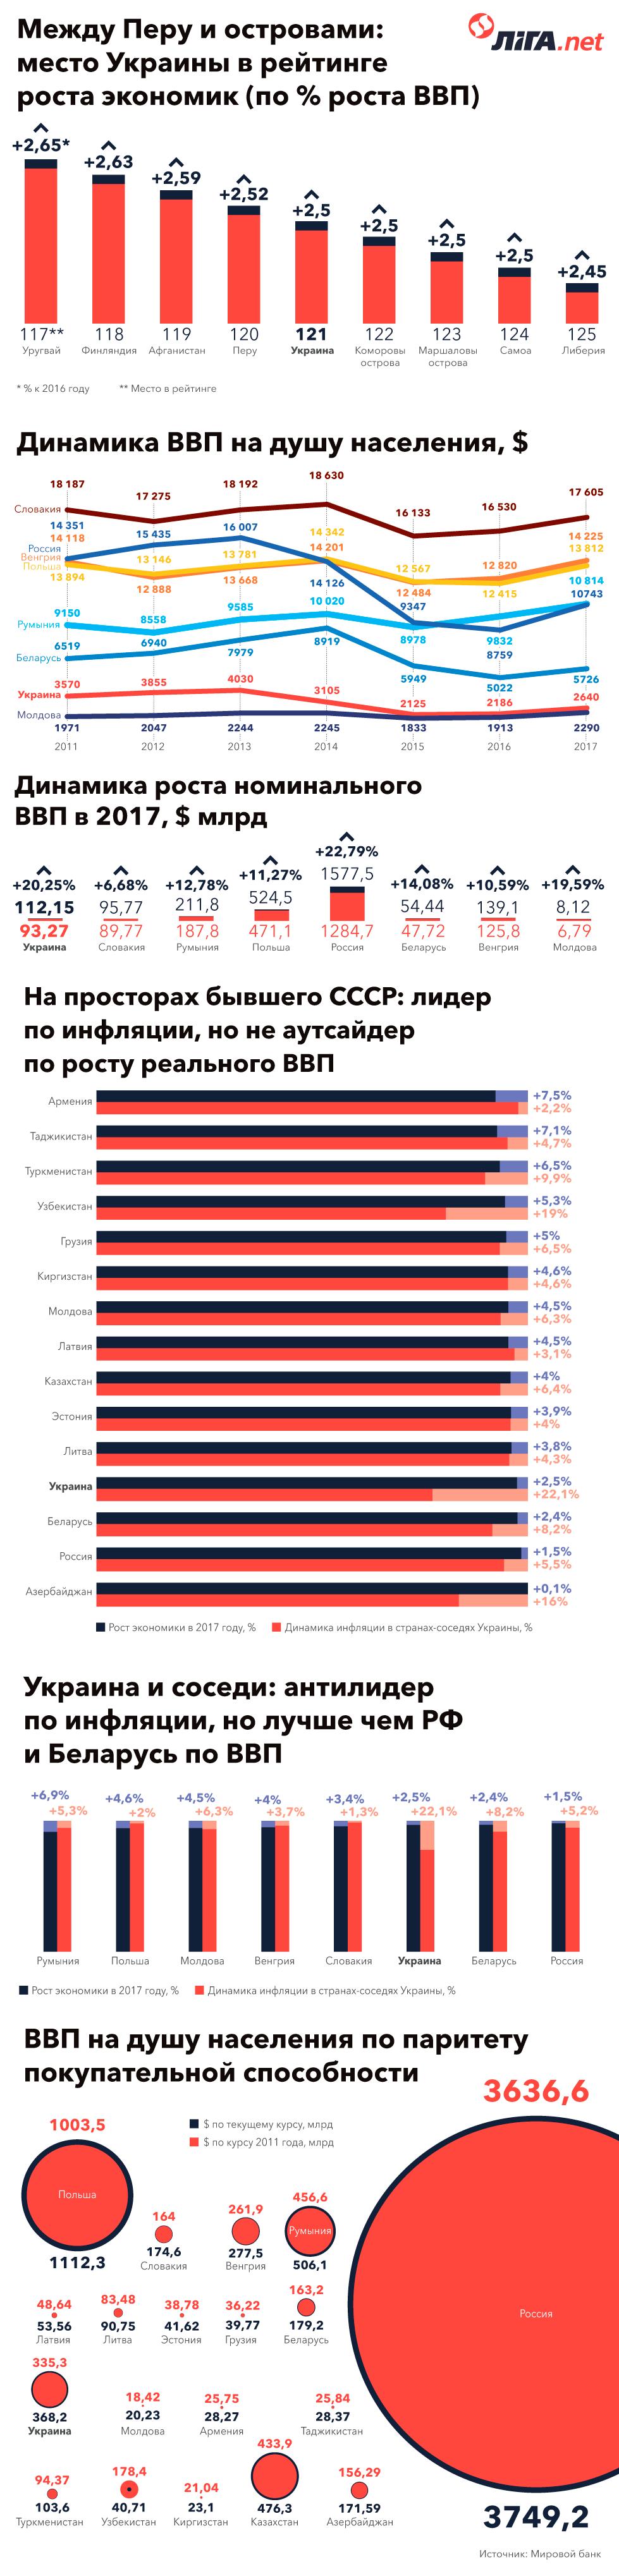 5 фактов об экономике Украины глазами экспертов Всемирного банка